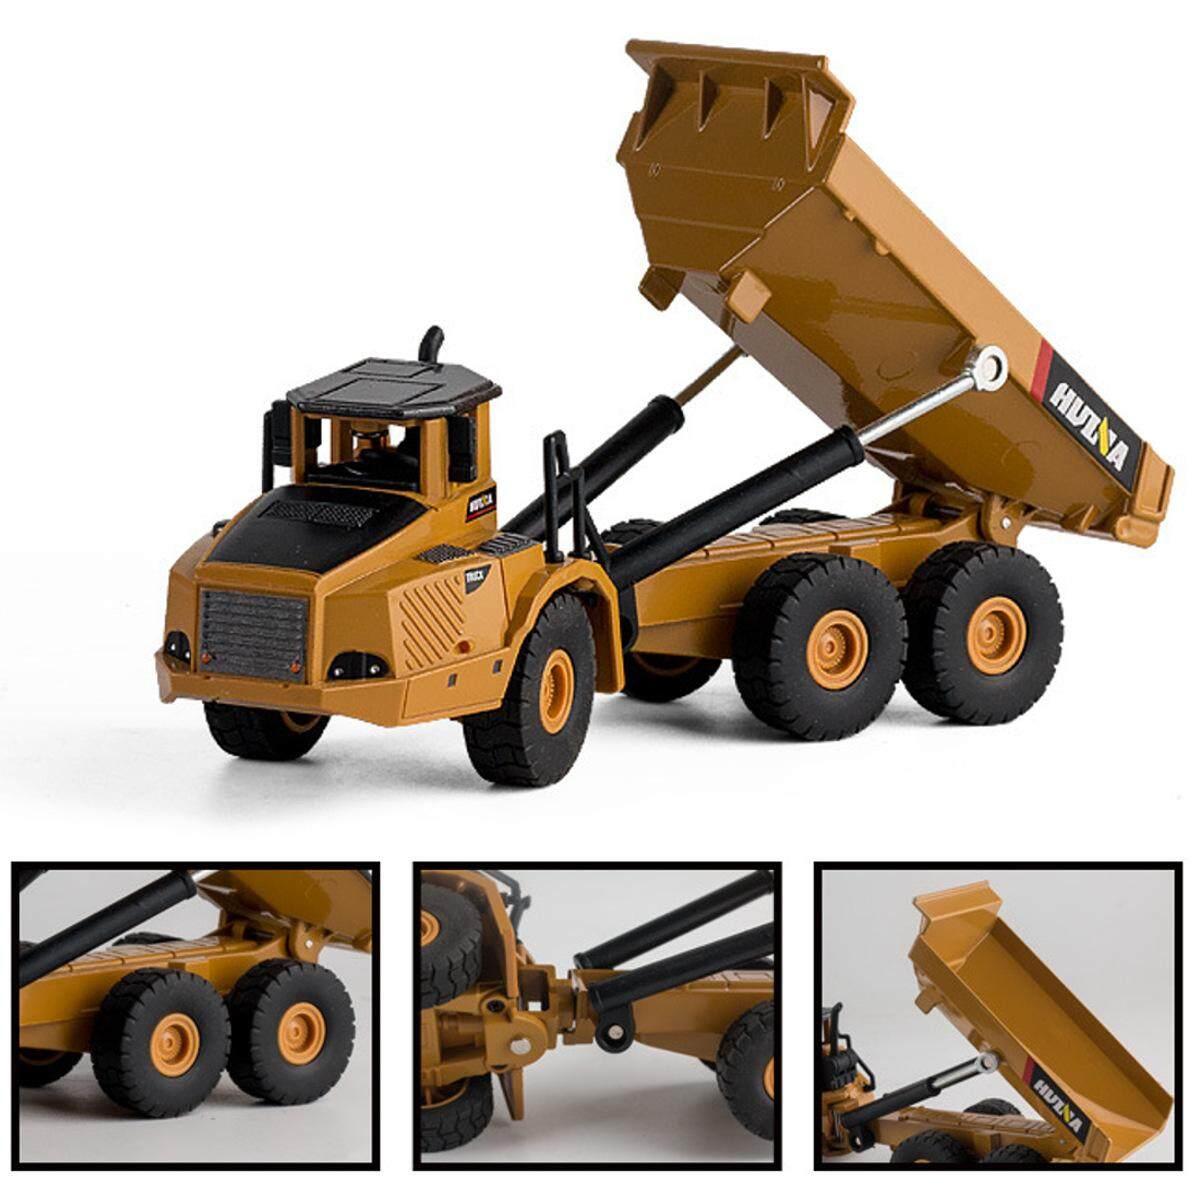 Huina 7713-1 1/50 Skala Paduan Pompa Hidrolik Model Truk Teknik Mainan Menggali